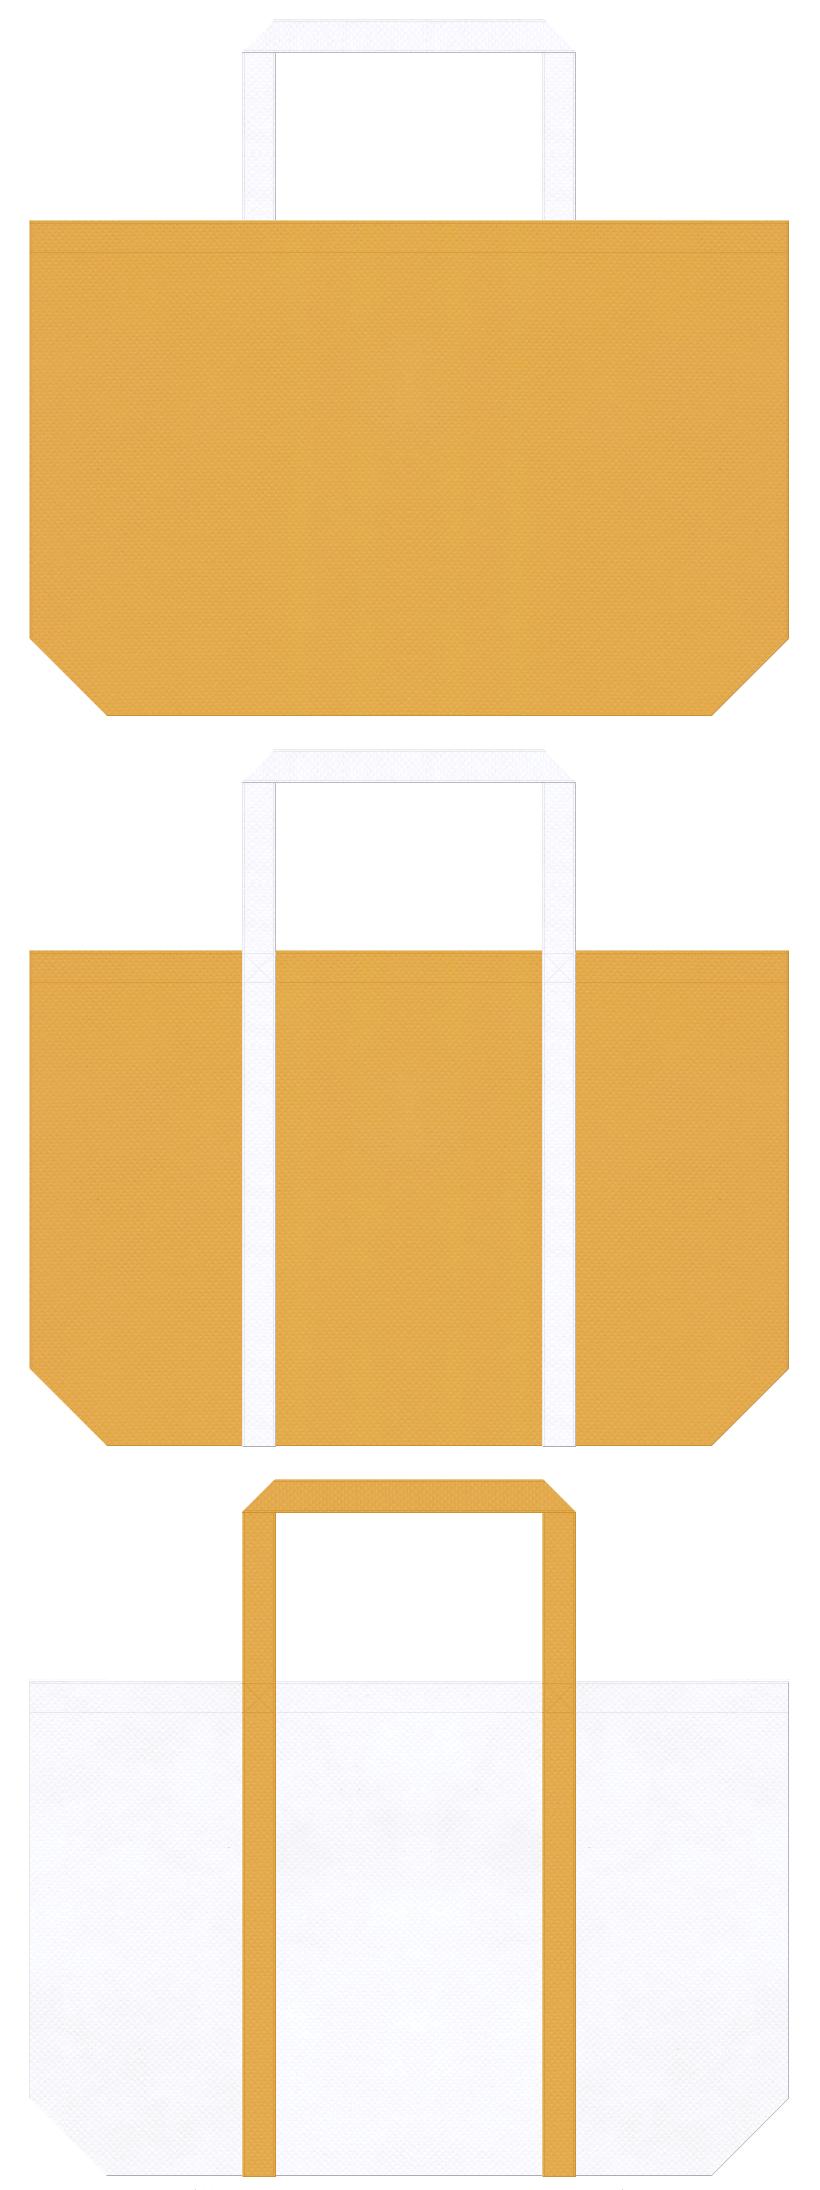 黄土色と白色の不織布ショッピングバッグデザイン。